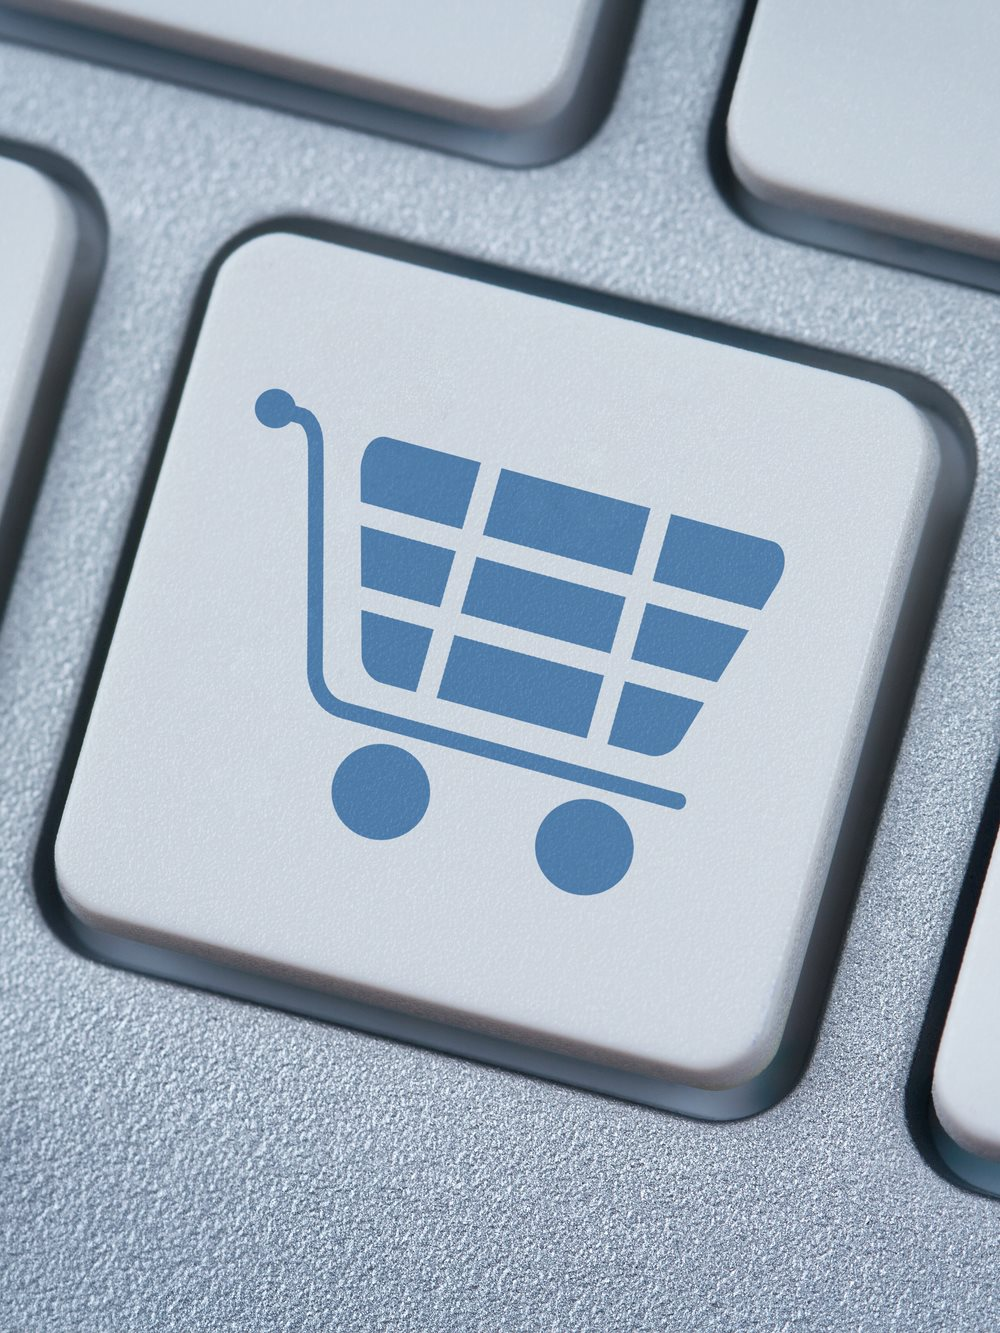 Shopping_Cart_Symbol_At_The Computer_Key.jpg